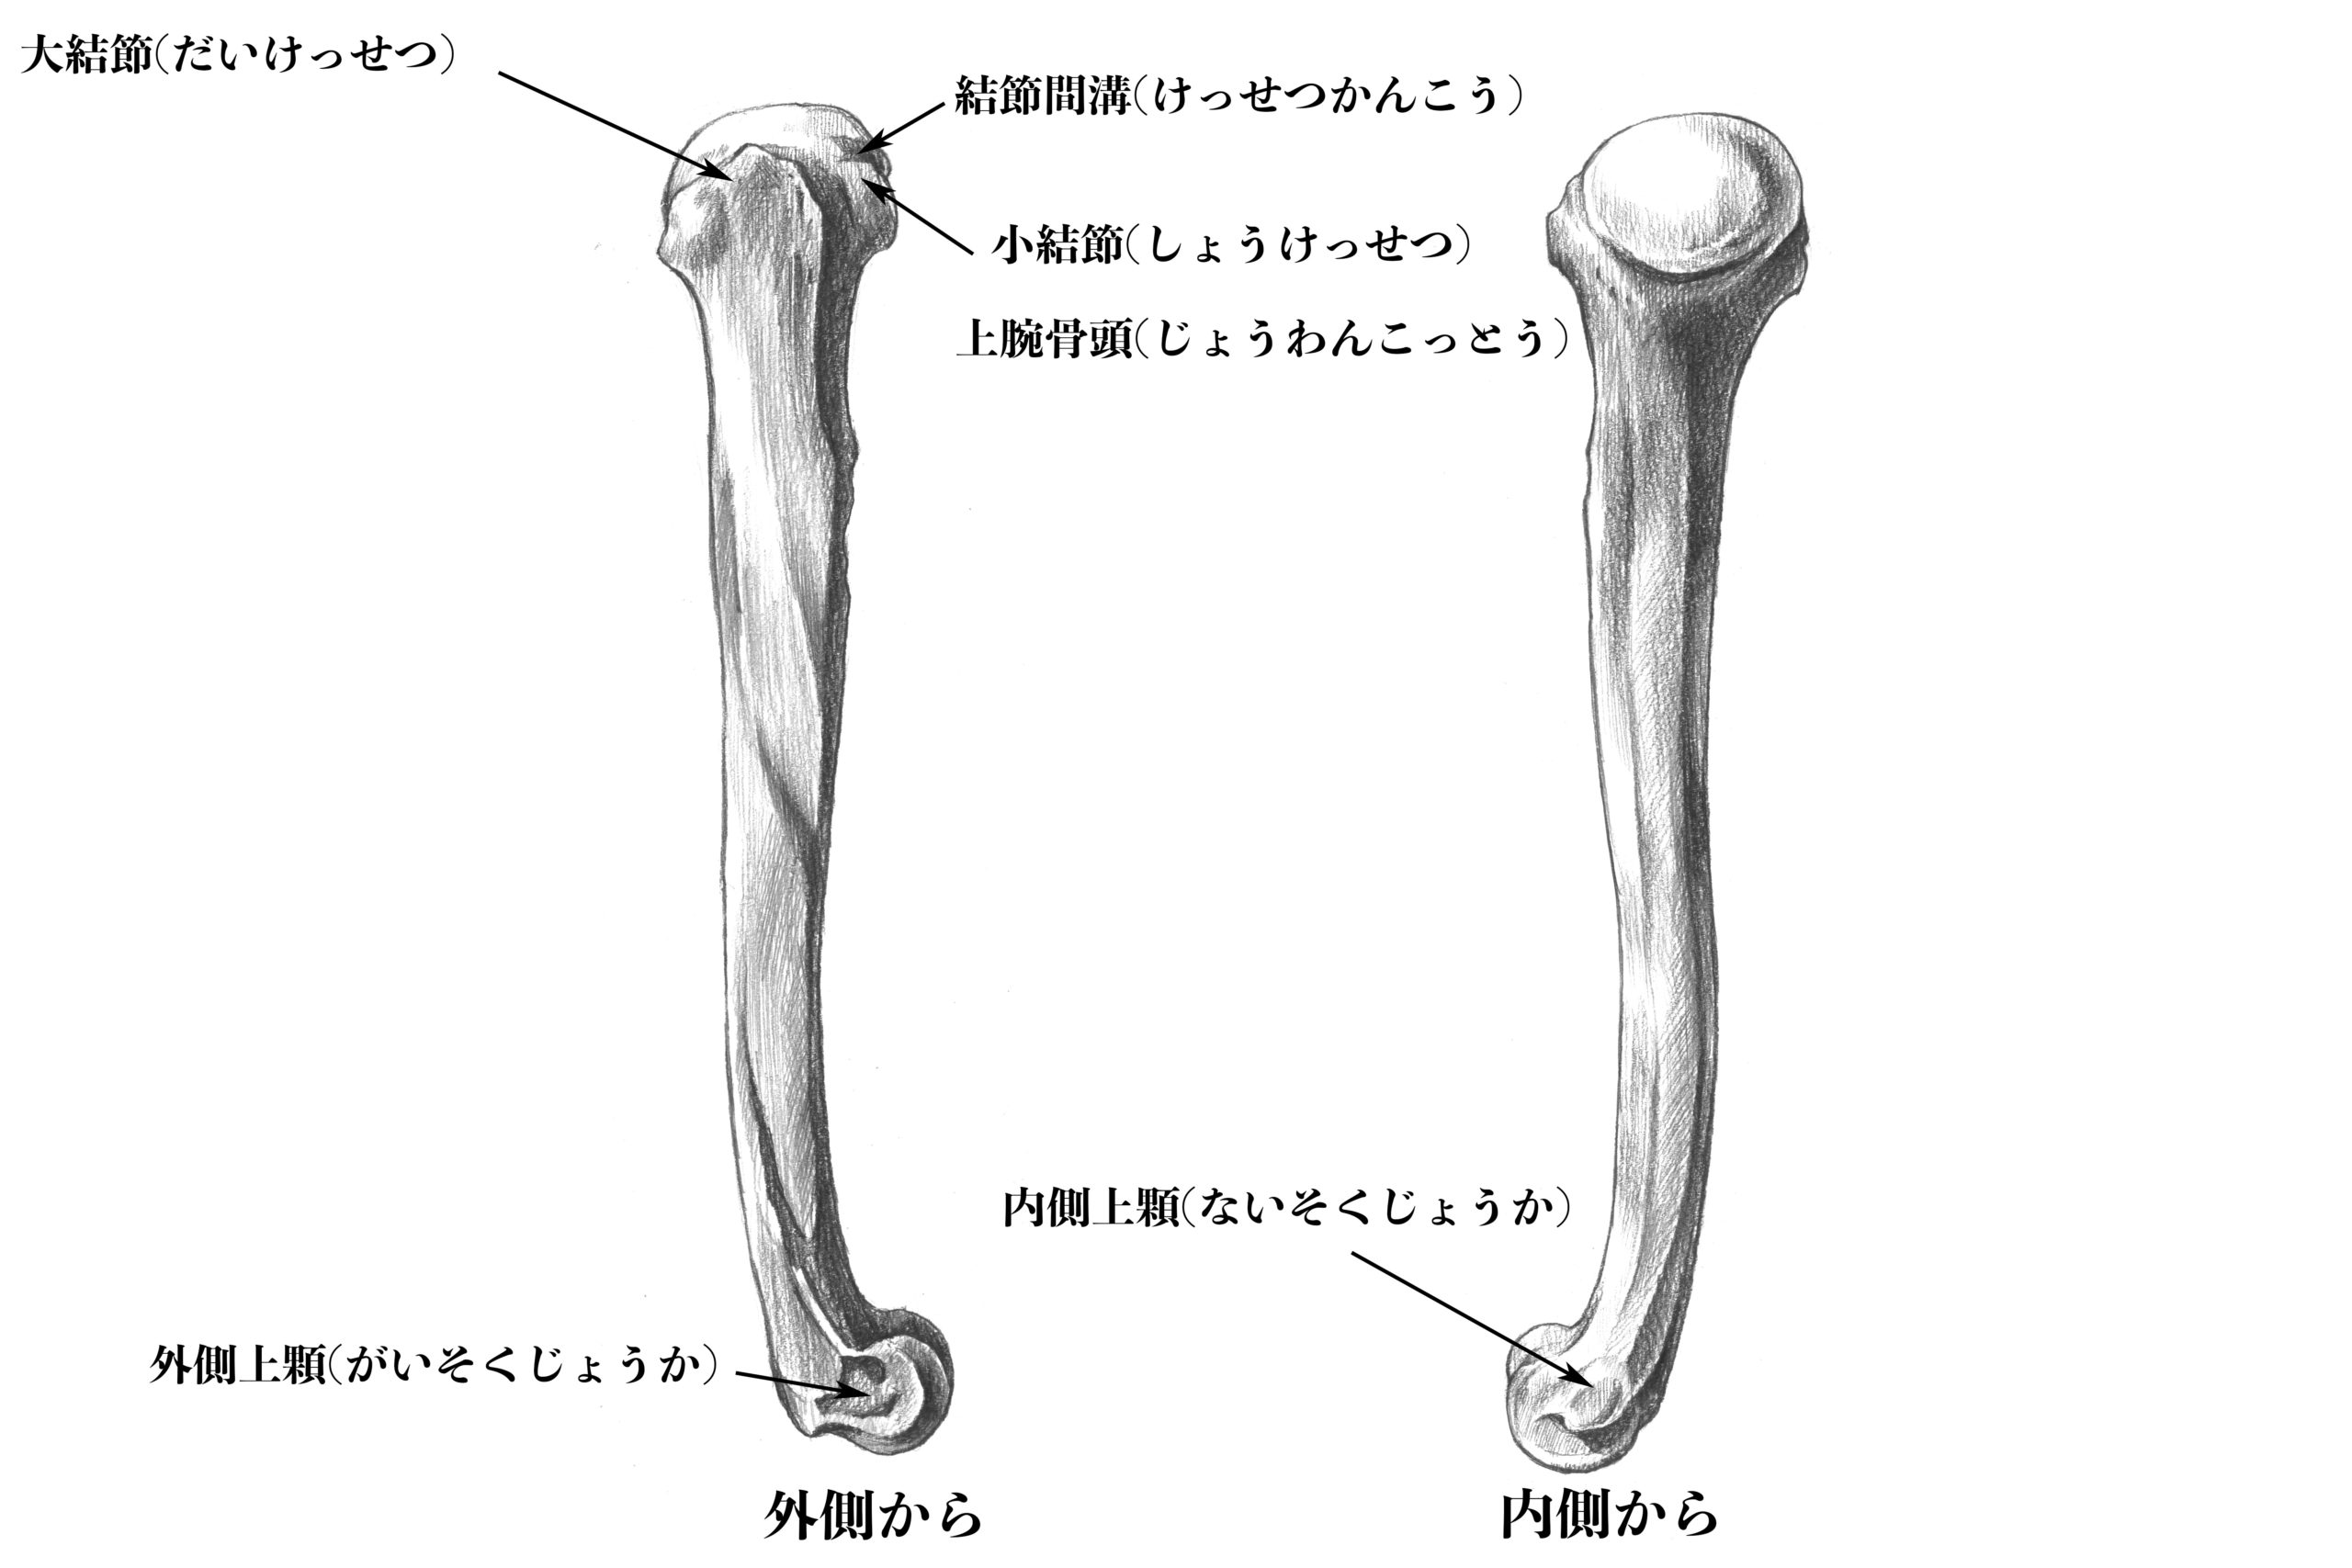 上腕骨側部からのスケッチ